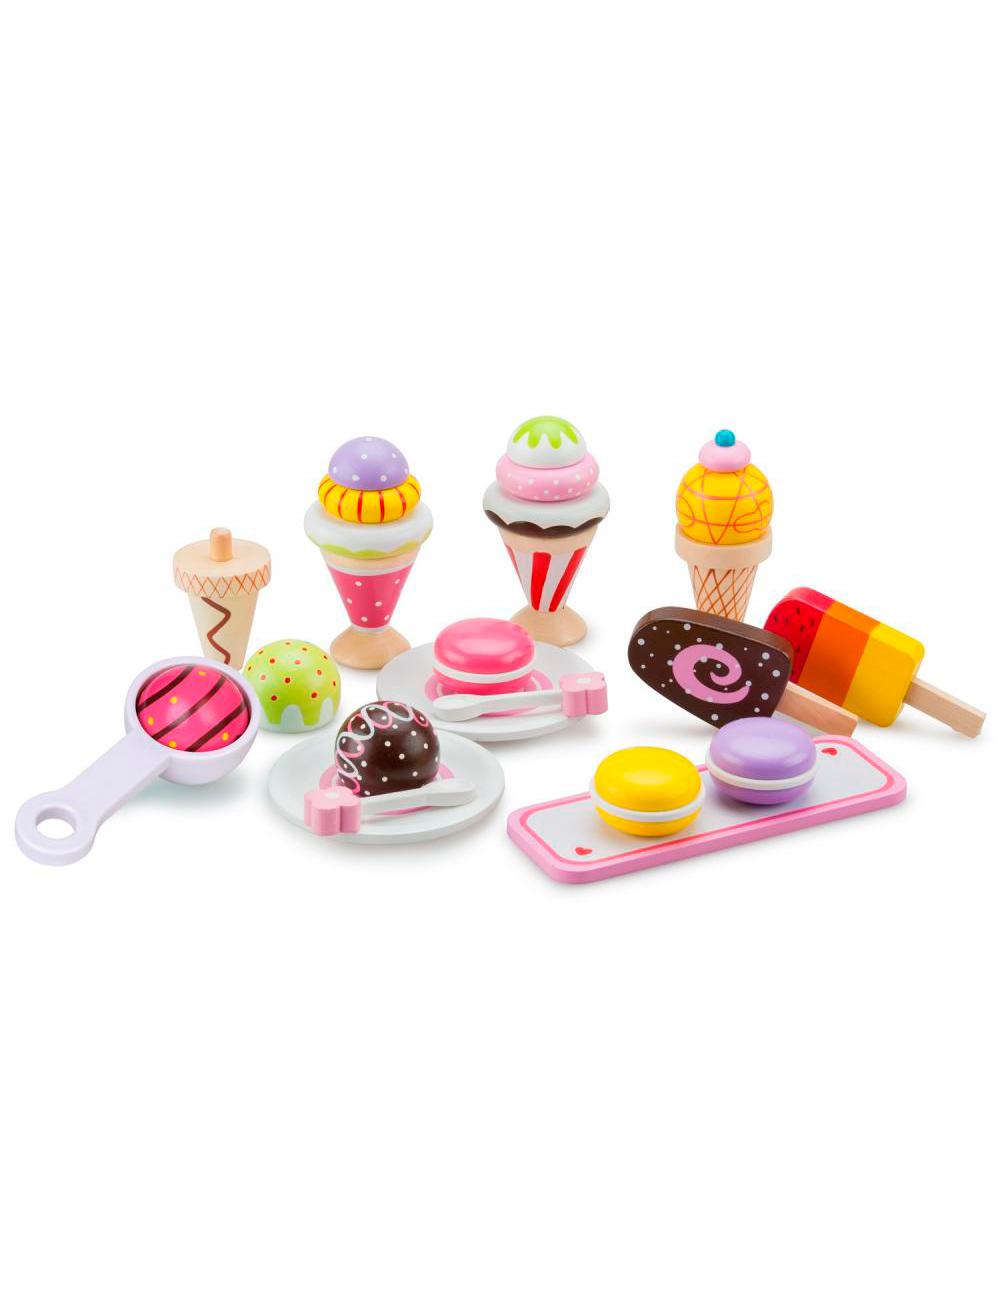 Купить 2220543, Игрушка New Classic Toys, разноцветный, 7134529072279